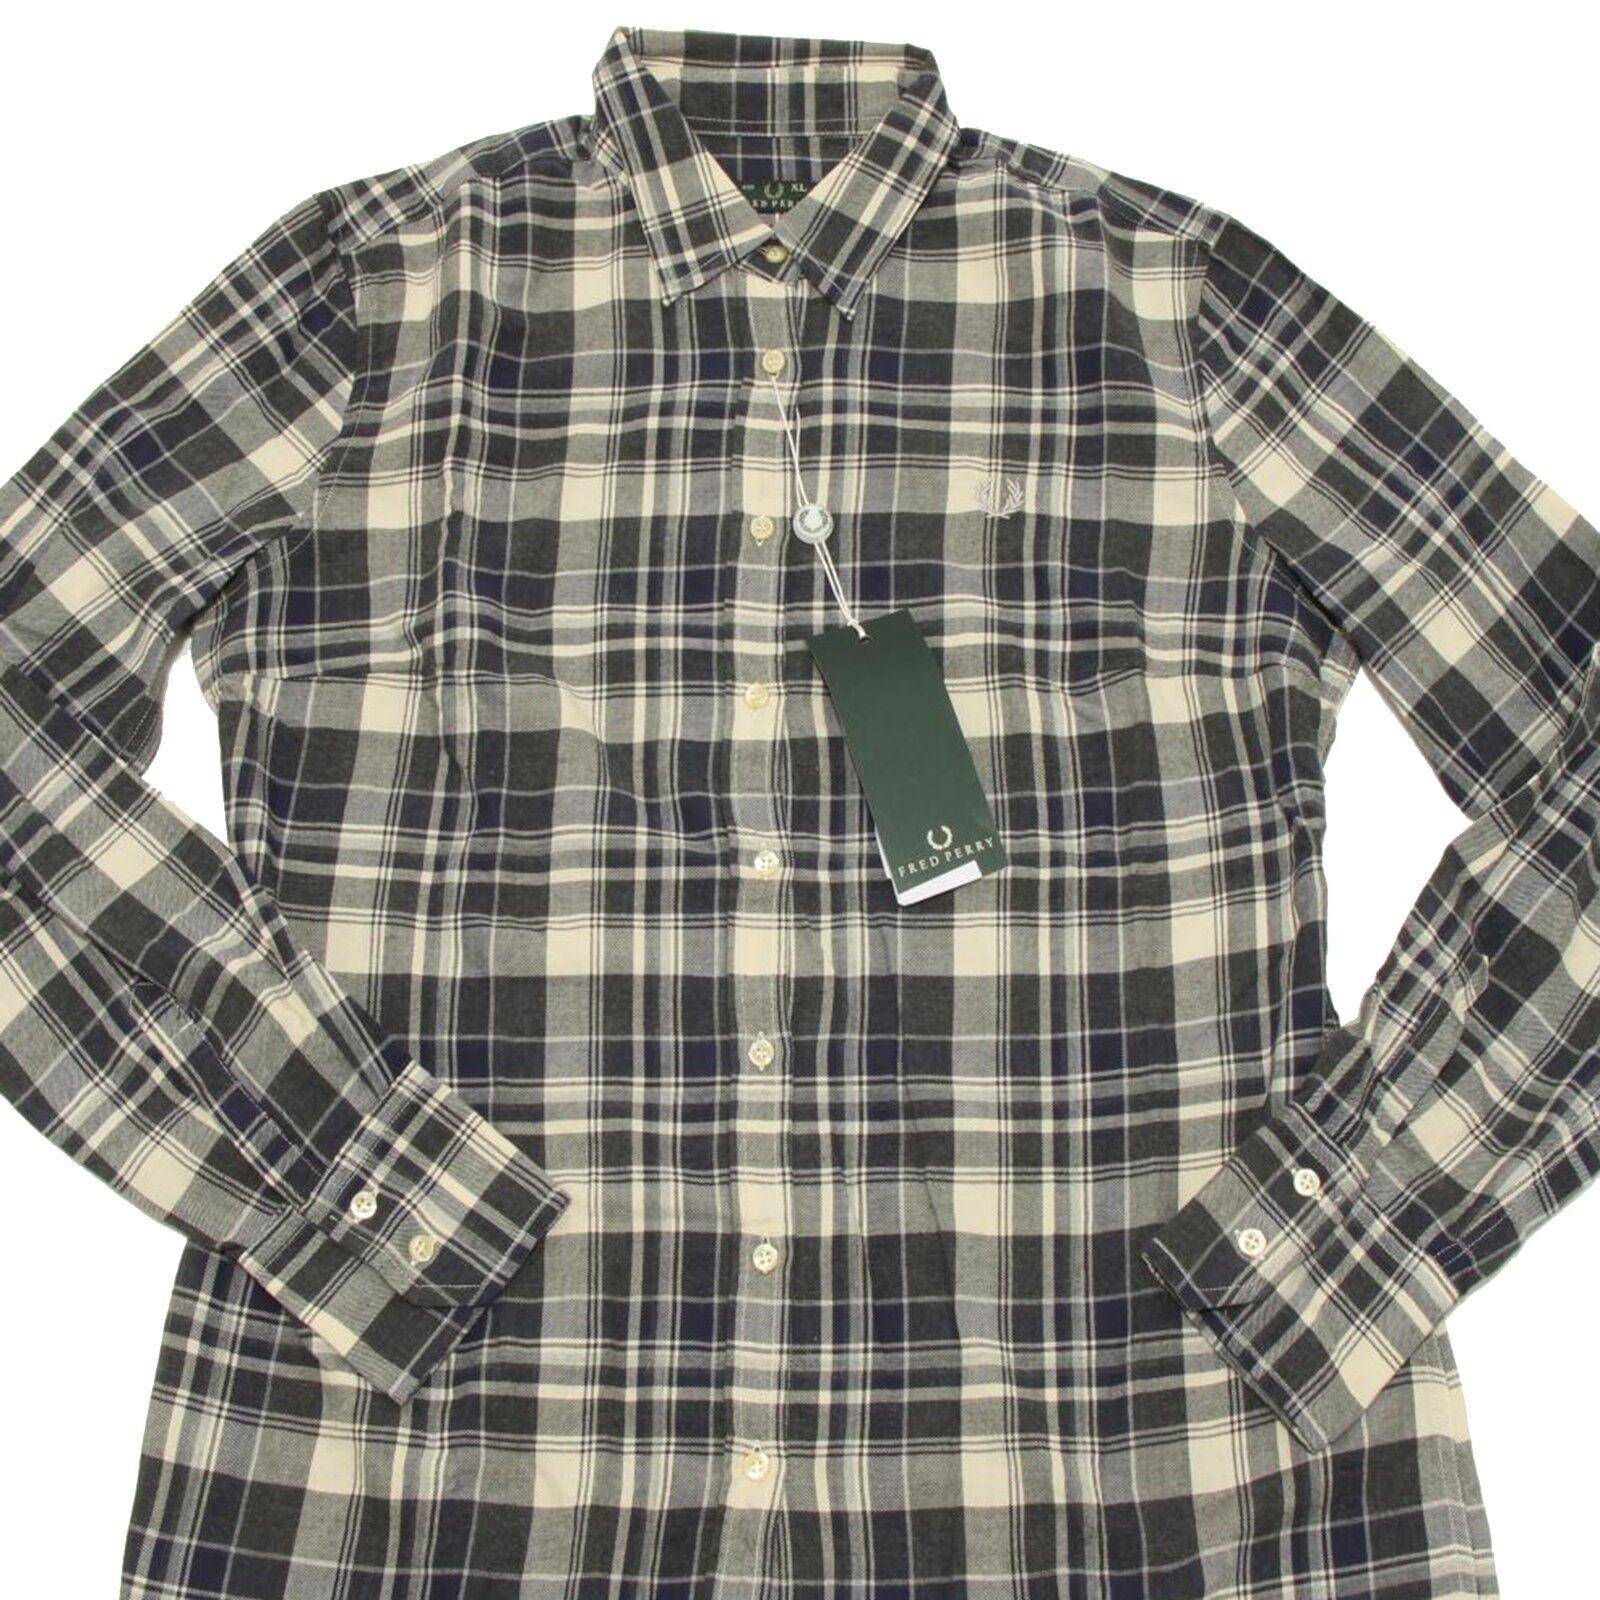 0296g camicia grigia Frojo Perry Manica Lunga Cotone  camicie mujer Camisa Mujer  garantía de crédito